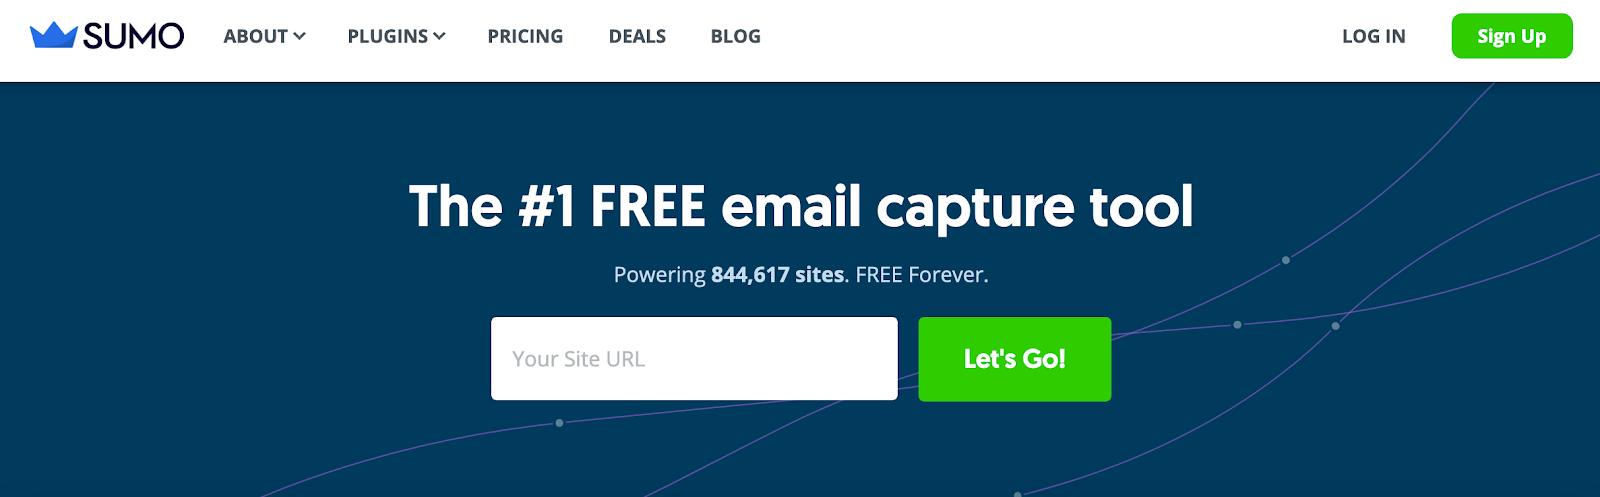 Best Homepages Online - Sumo.com